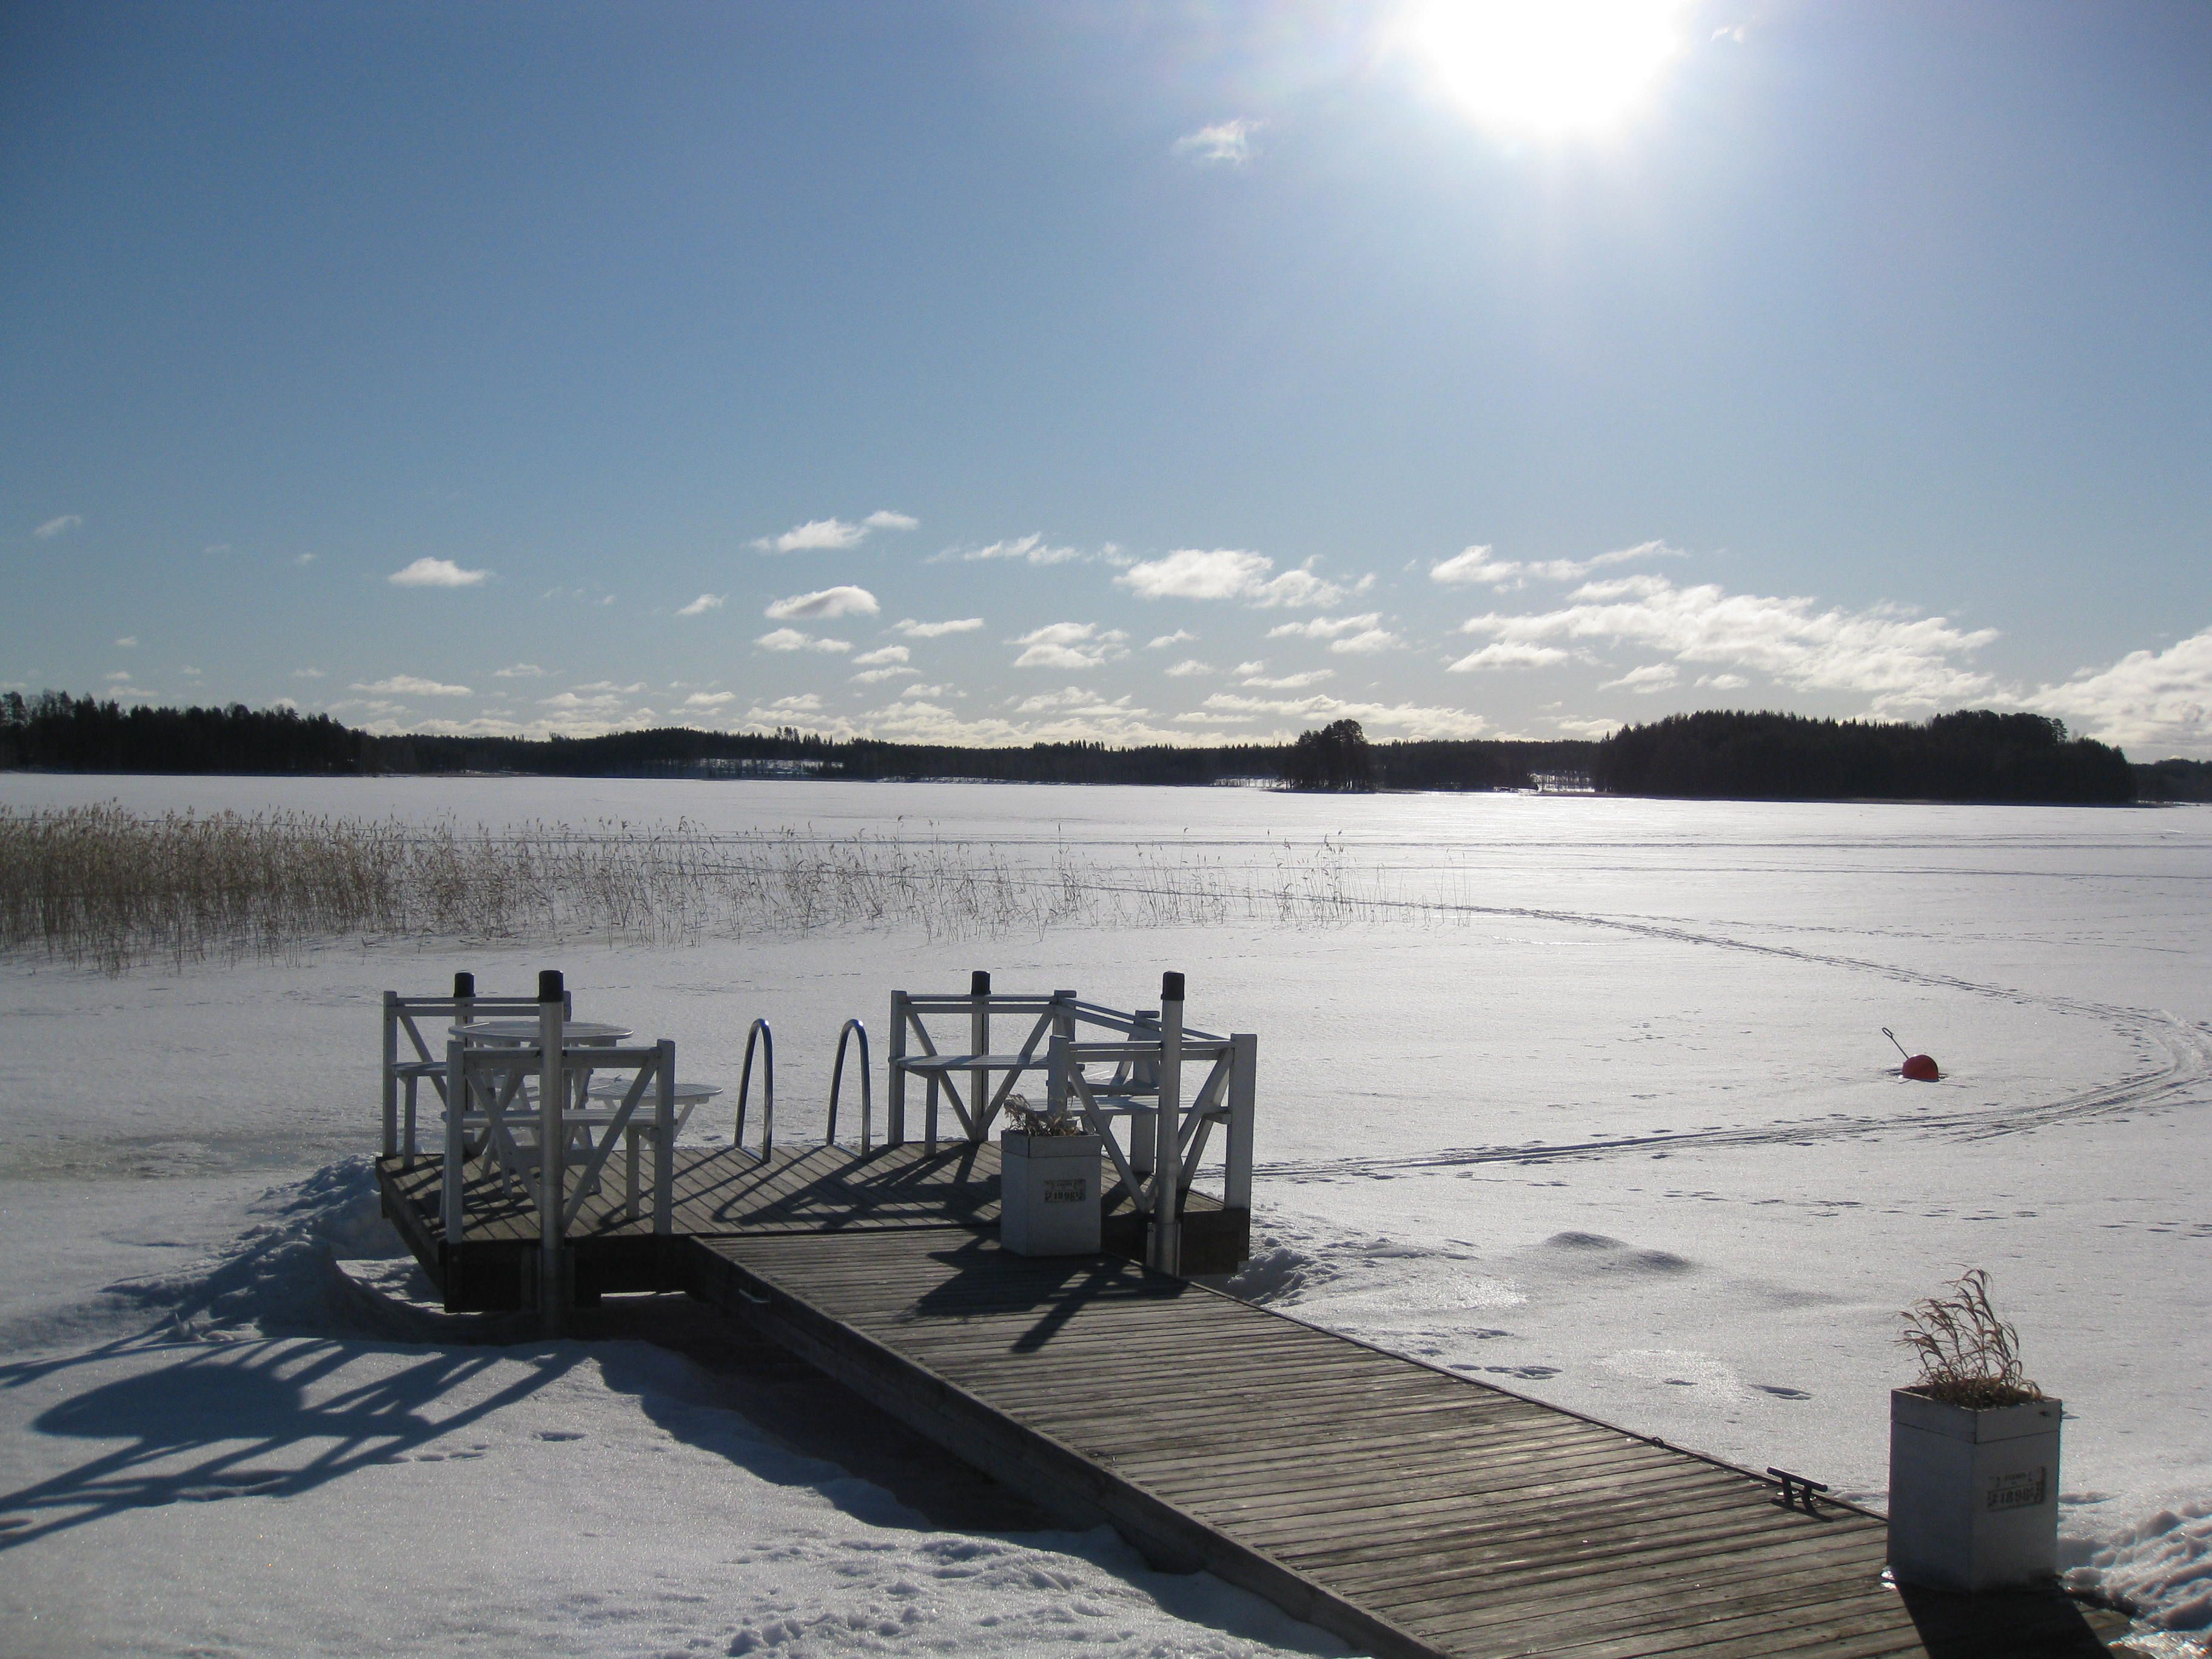 Nytkö pilkille? kevät Punkaharju Puruvesi Sorvaslahti  #Punkaharju #Puruvesi #Sorvaslahti #Suomi #Finland #talo #myytävänä #houseforsale #talomyytävänä #talvi #winter #piha #garden #järvi #lake